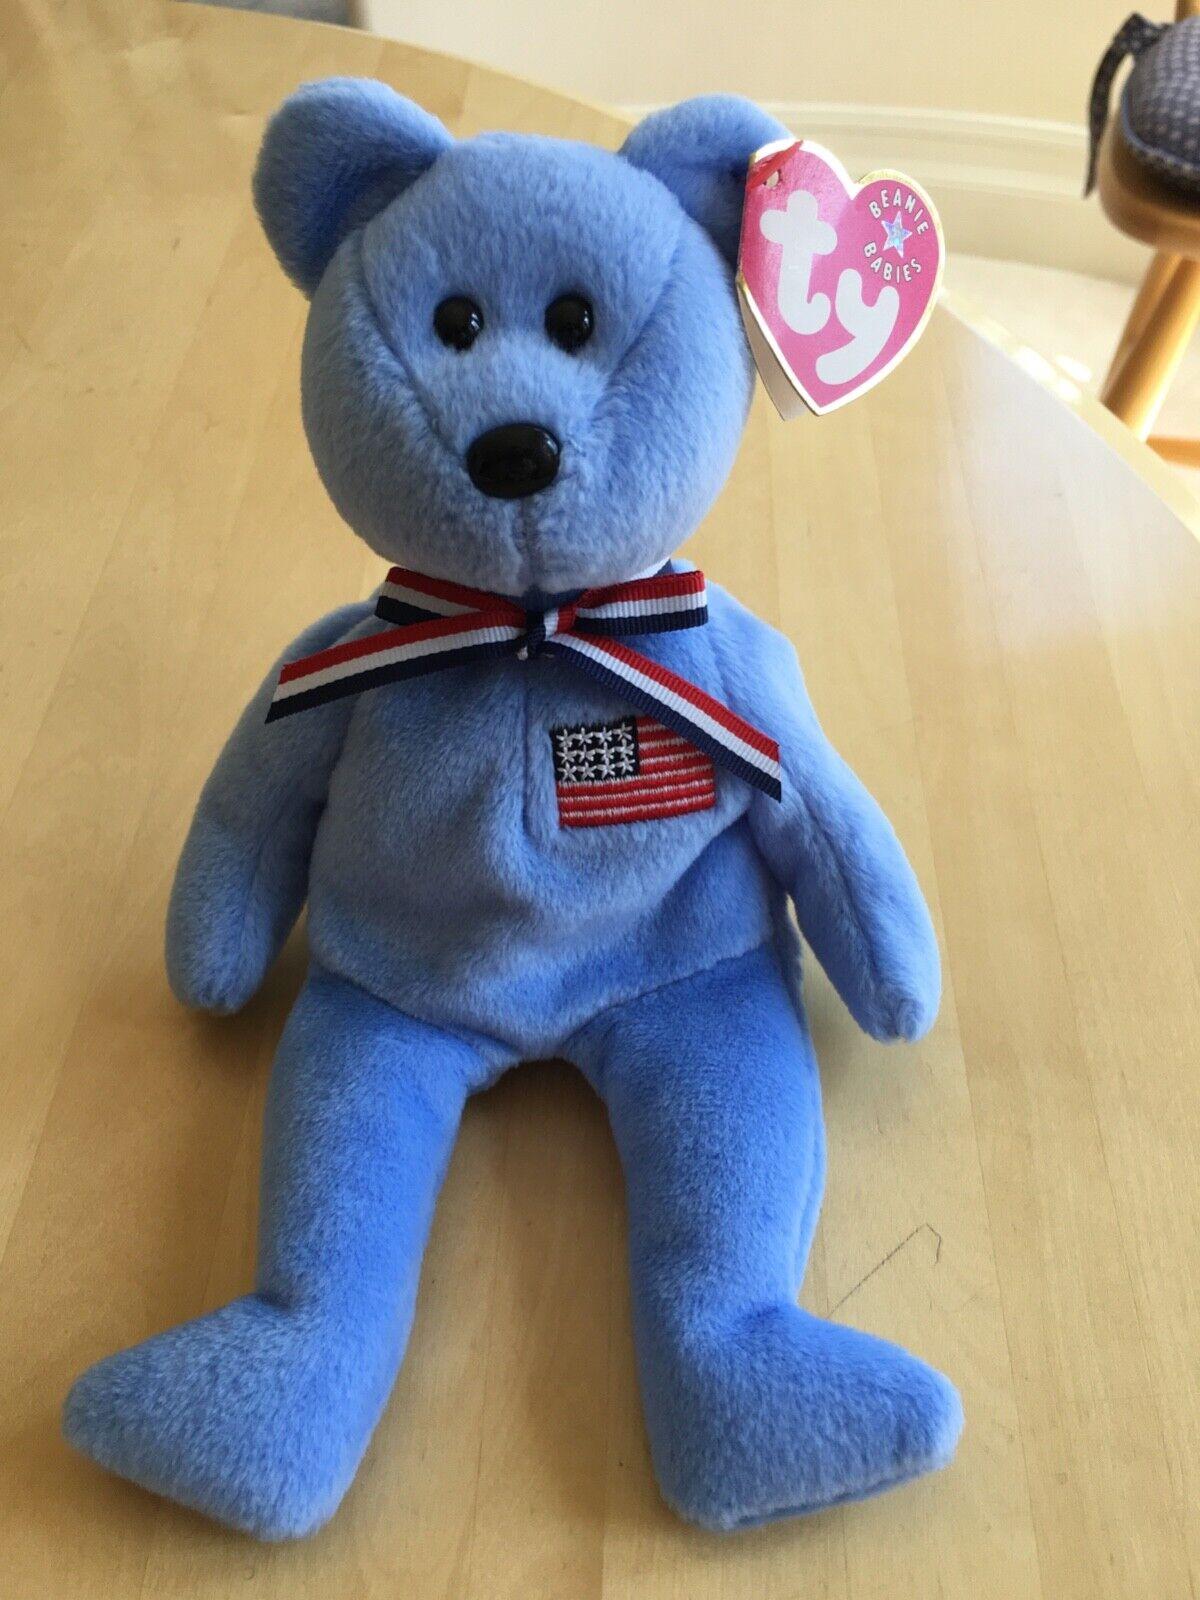 RARE AMERICA ty Beanie Baby 911 bluee Memorial Bear, September 11, 2001